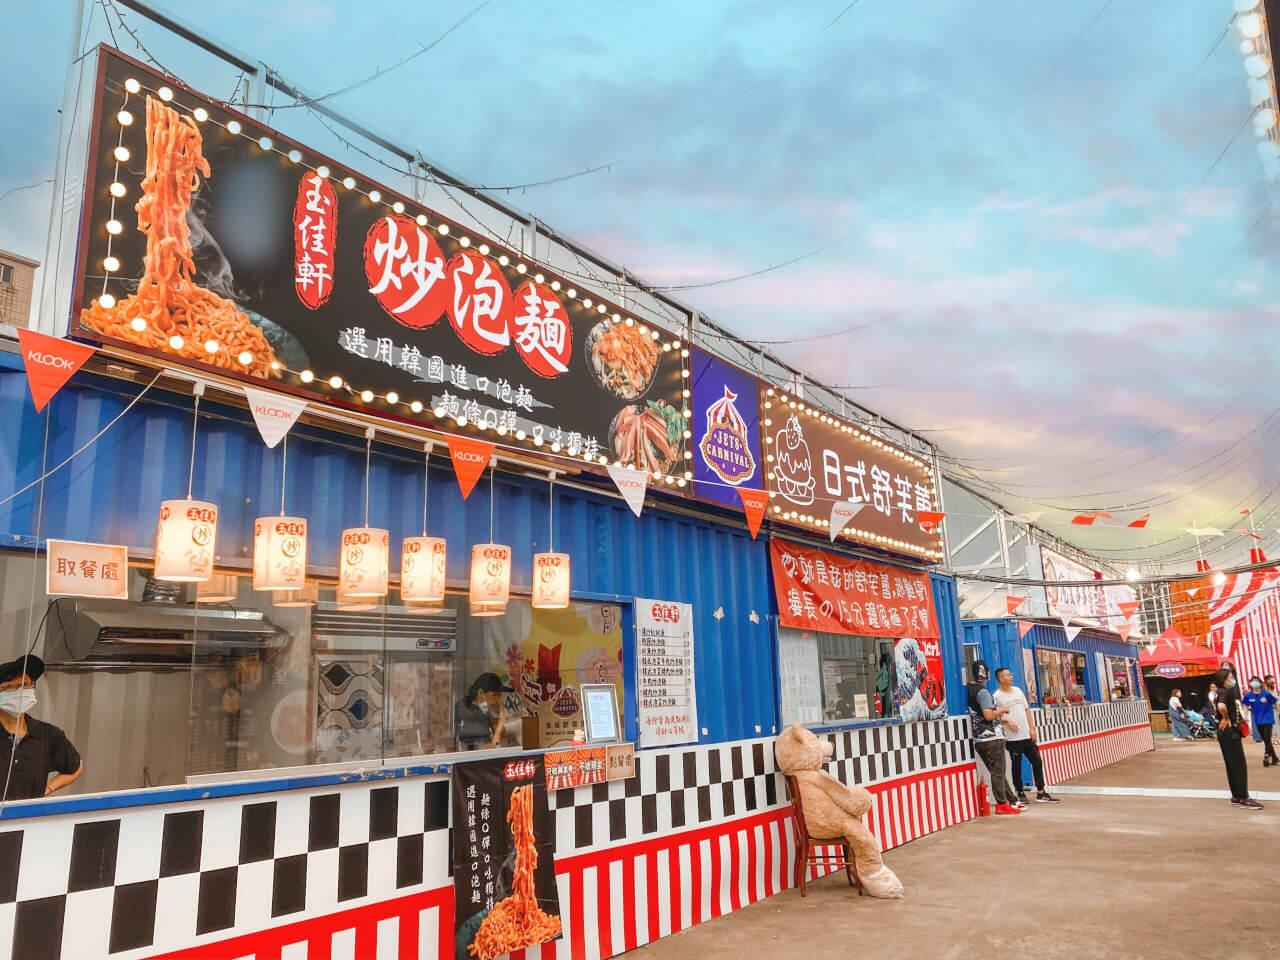 jets嘉年華桃園場|桃園青埔 2020 景點|遊樂設施、特色美食、交通停車資訊整理懶人包